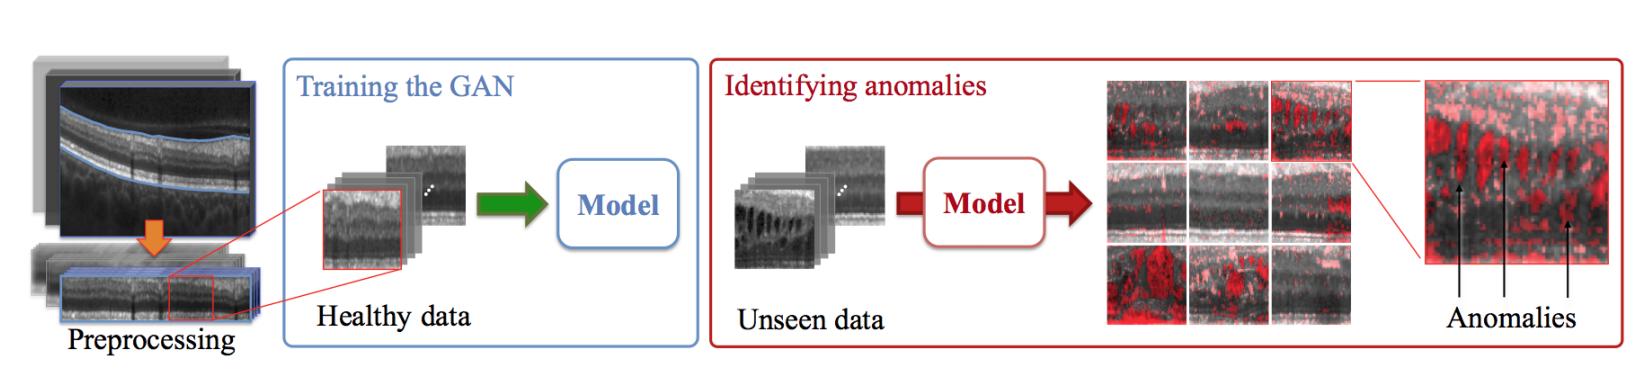 生成模型教程(及演示)集锦 - Python开发社区 | CTOLib码库